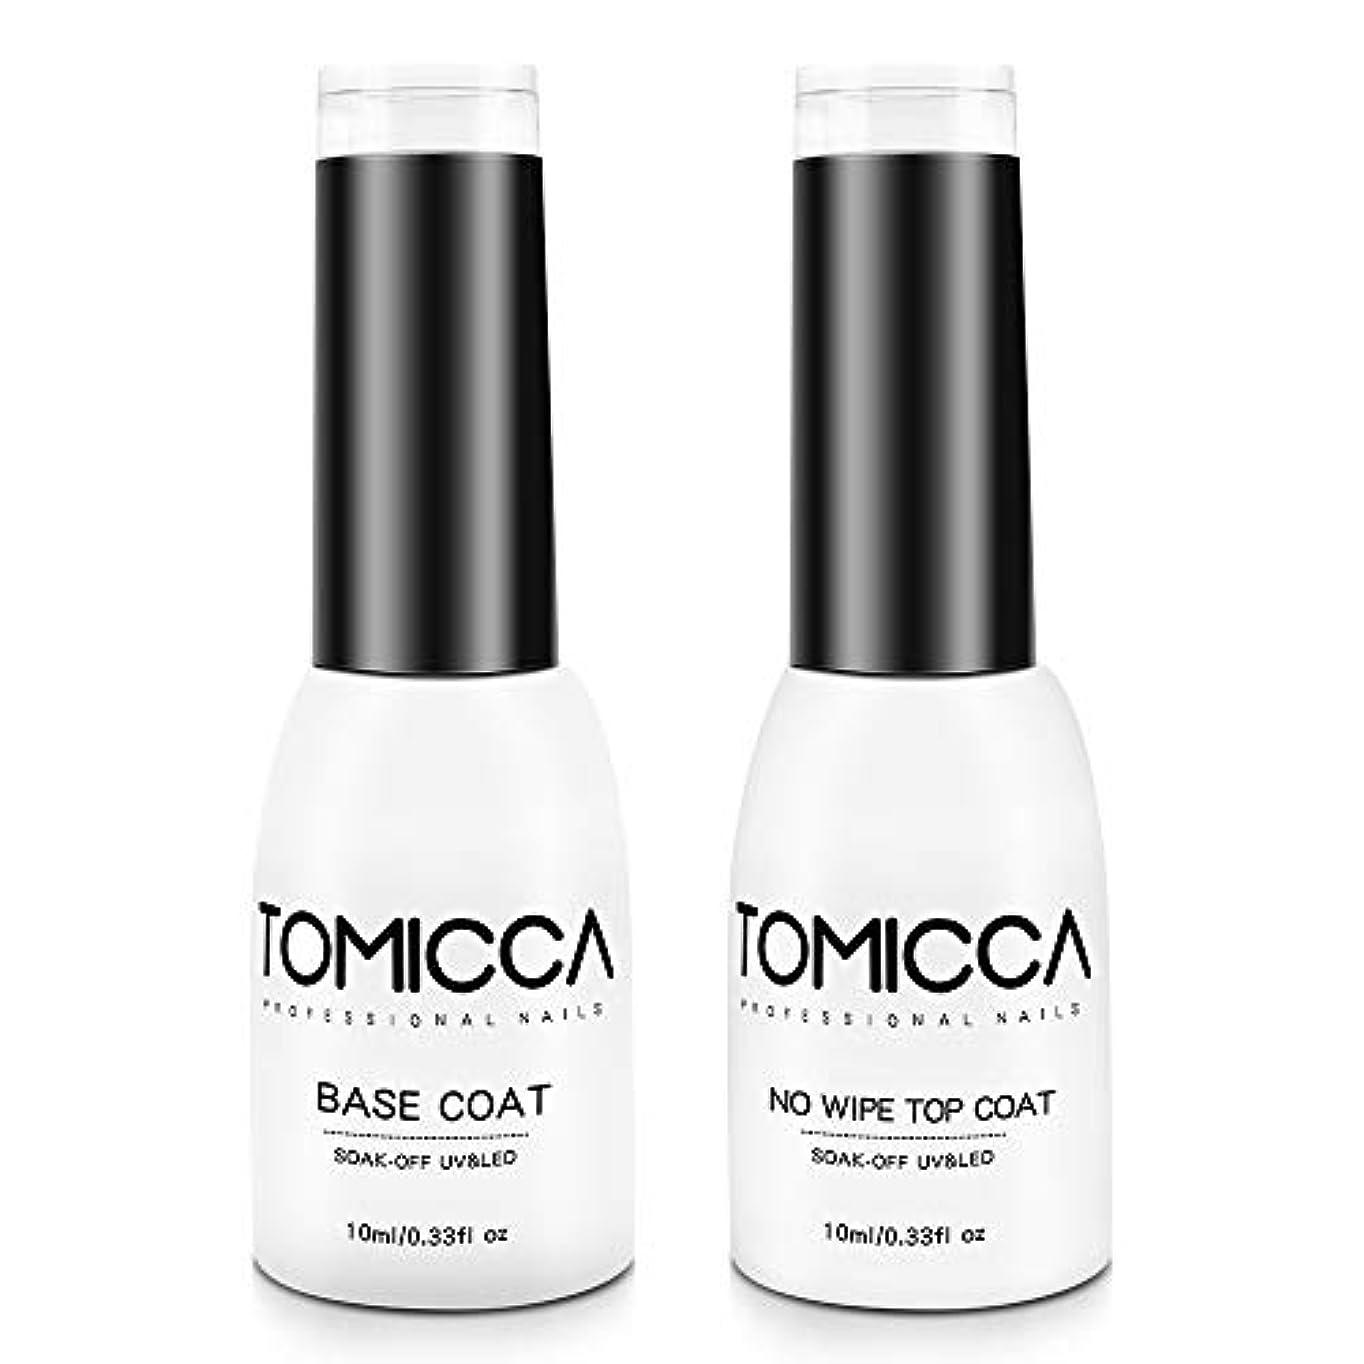 シールド報復単語TOMICCA ジェルネイル ベースコート トップコート 10ml 2本セット 拭き取り不要 UV/LED対応 大容量 (ベース&トップコート)